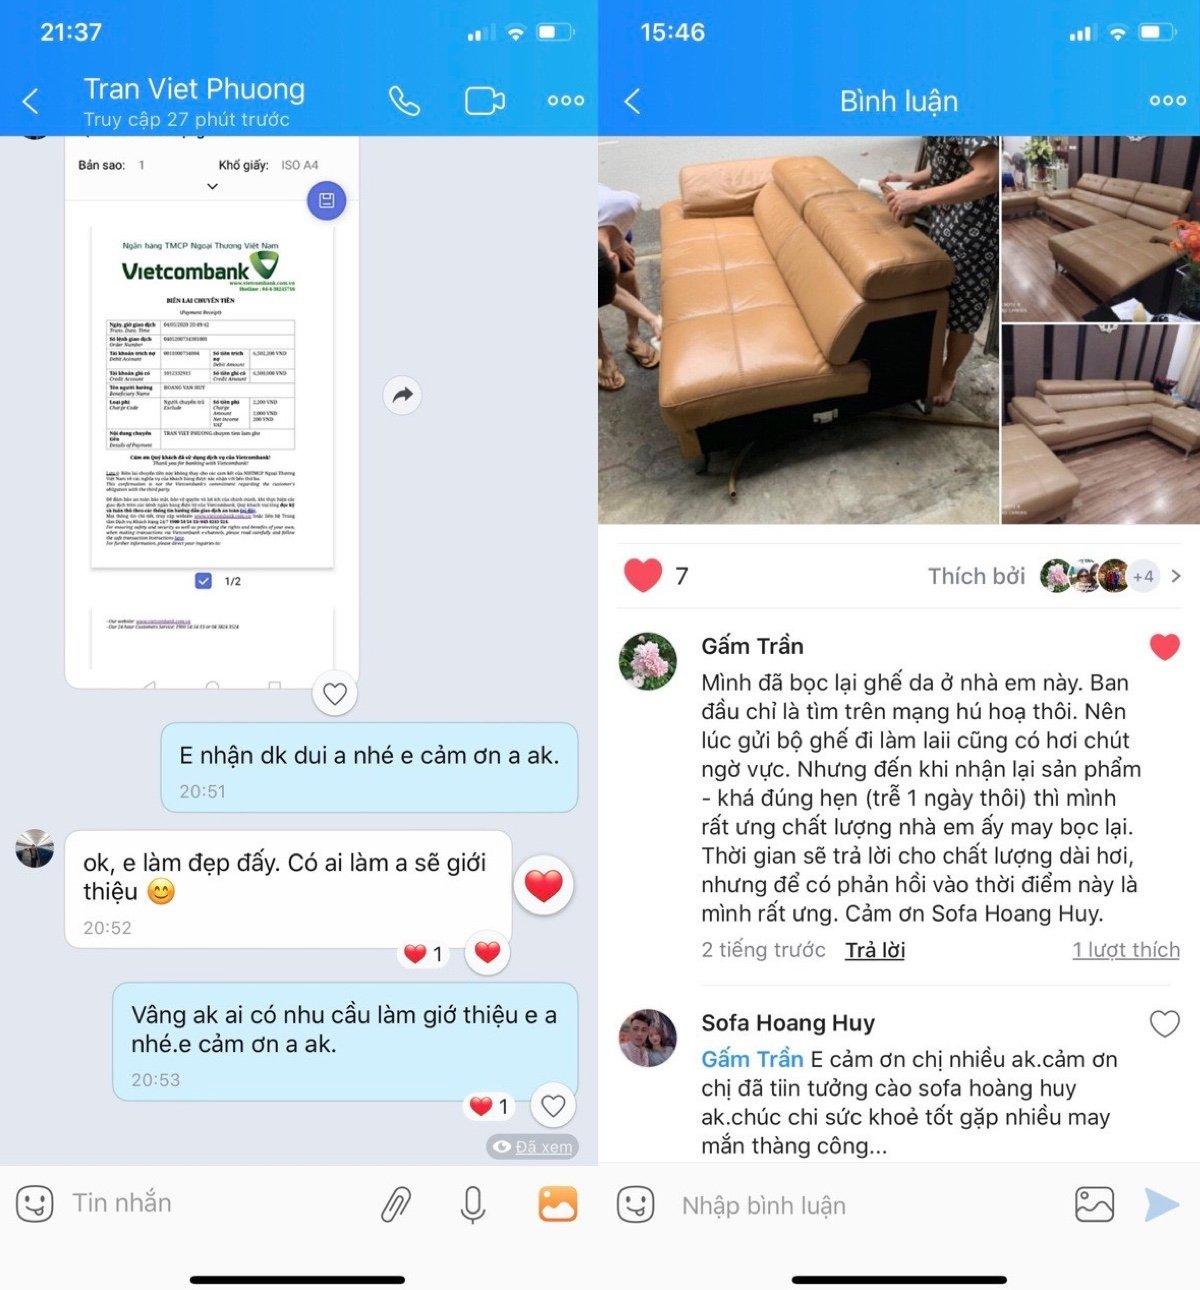 Phản hồi của khách hàng về sofa Hoàng Huy